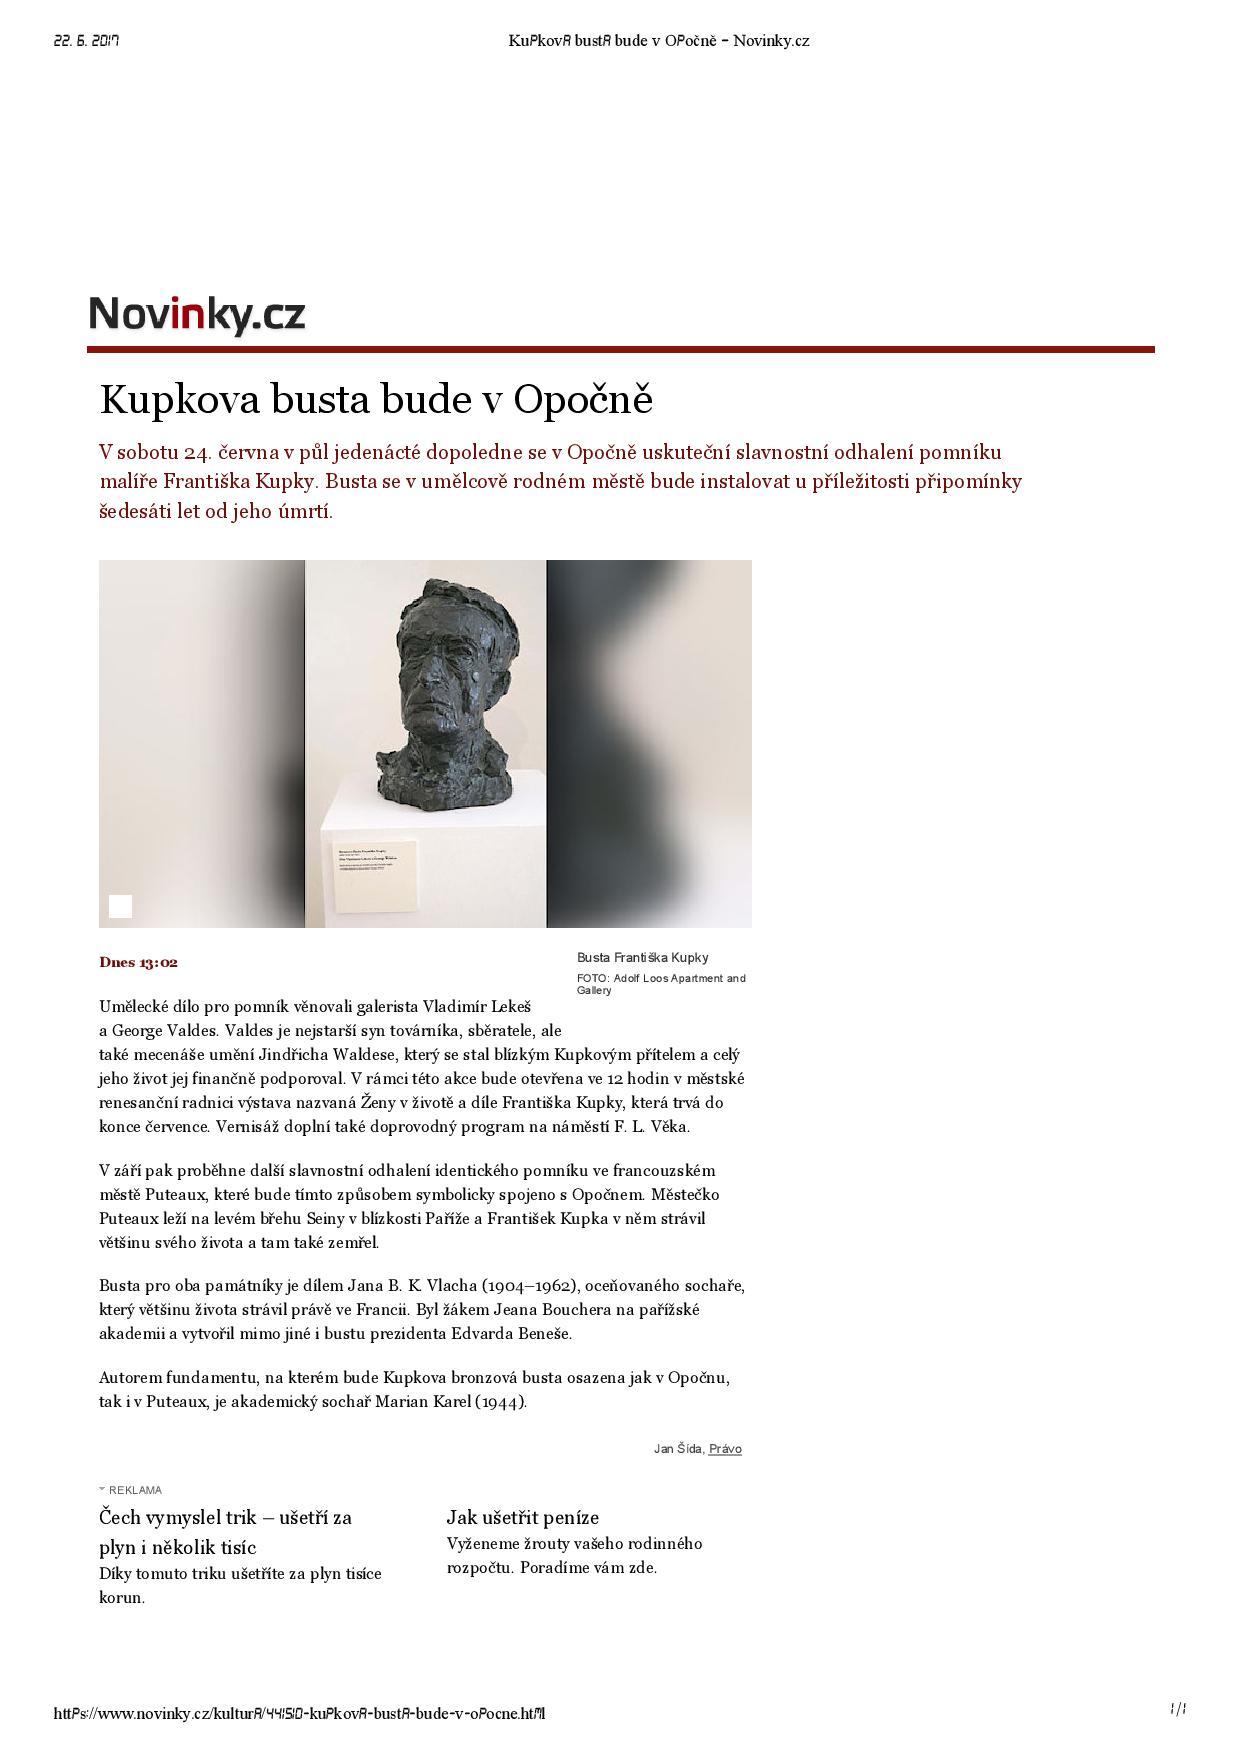 Novinky.cz, 22.6.2017